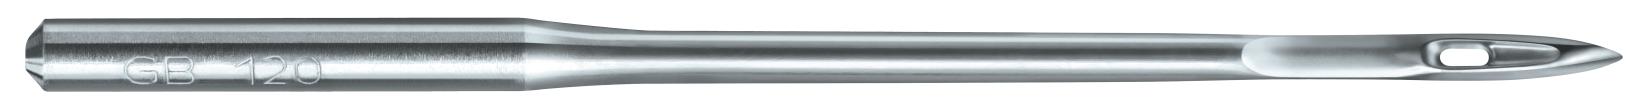 Швейная игла Groz-Beckert 134 LR №70